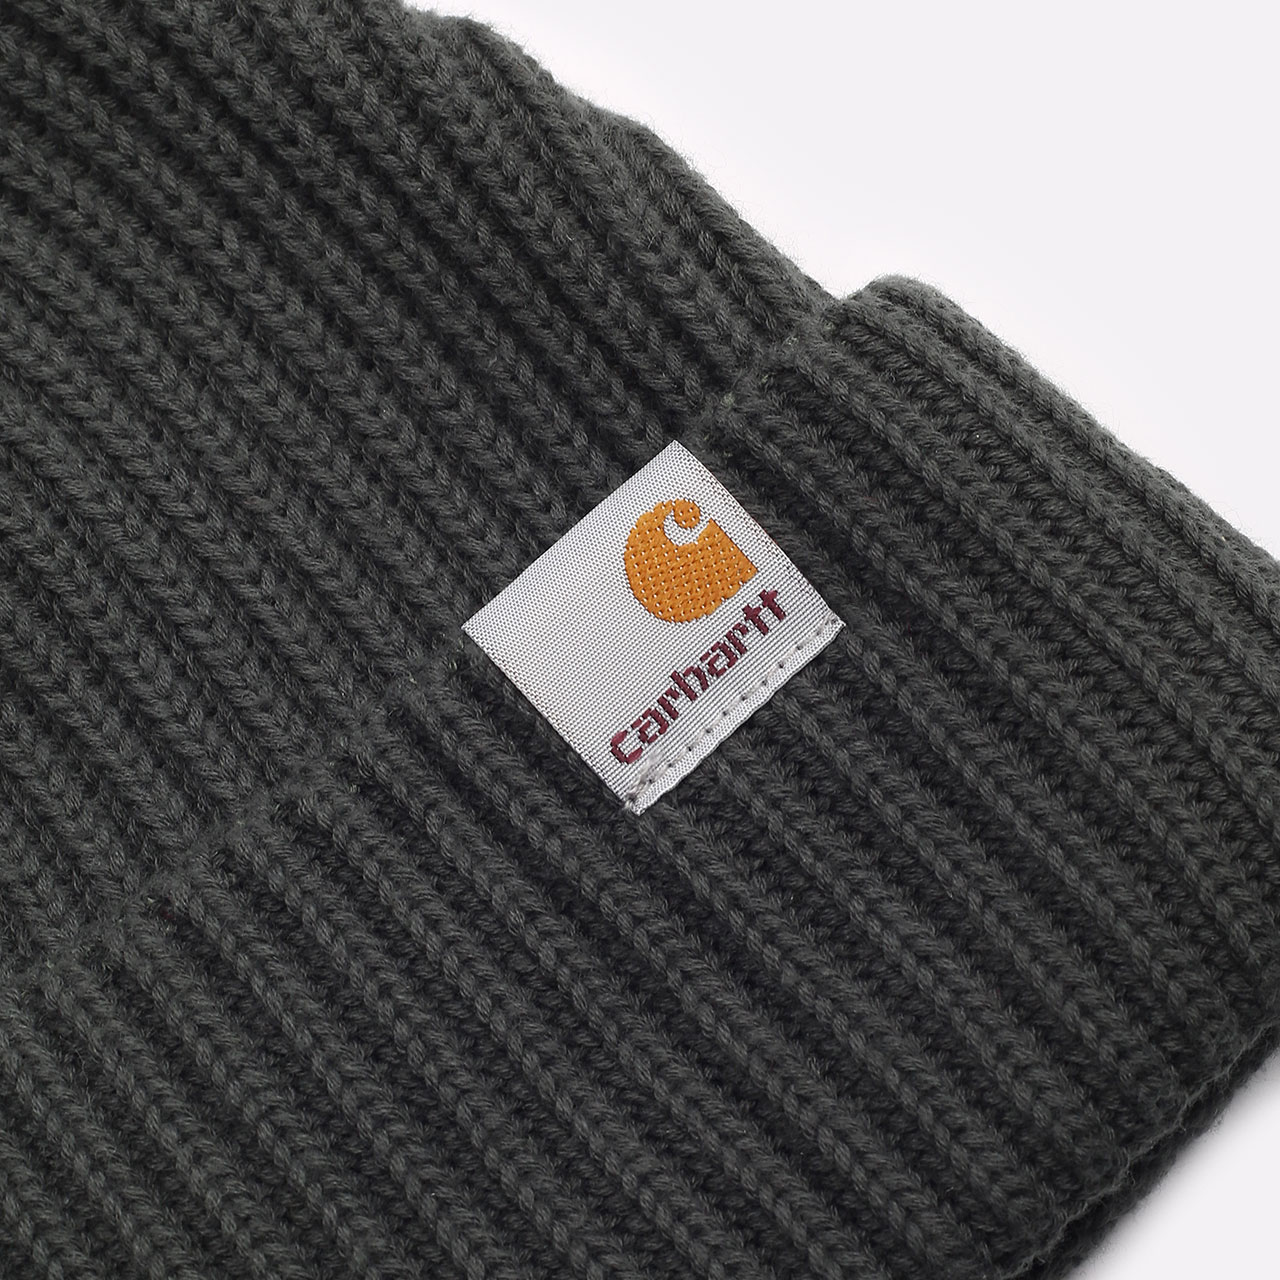 зеленая шапка Carhartt WIP Burbank Beanie I029491-slate - цена, описание, фото 2